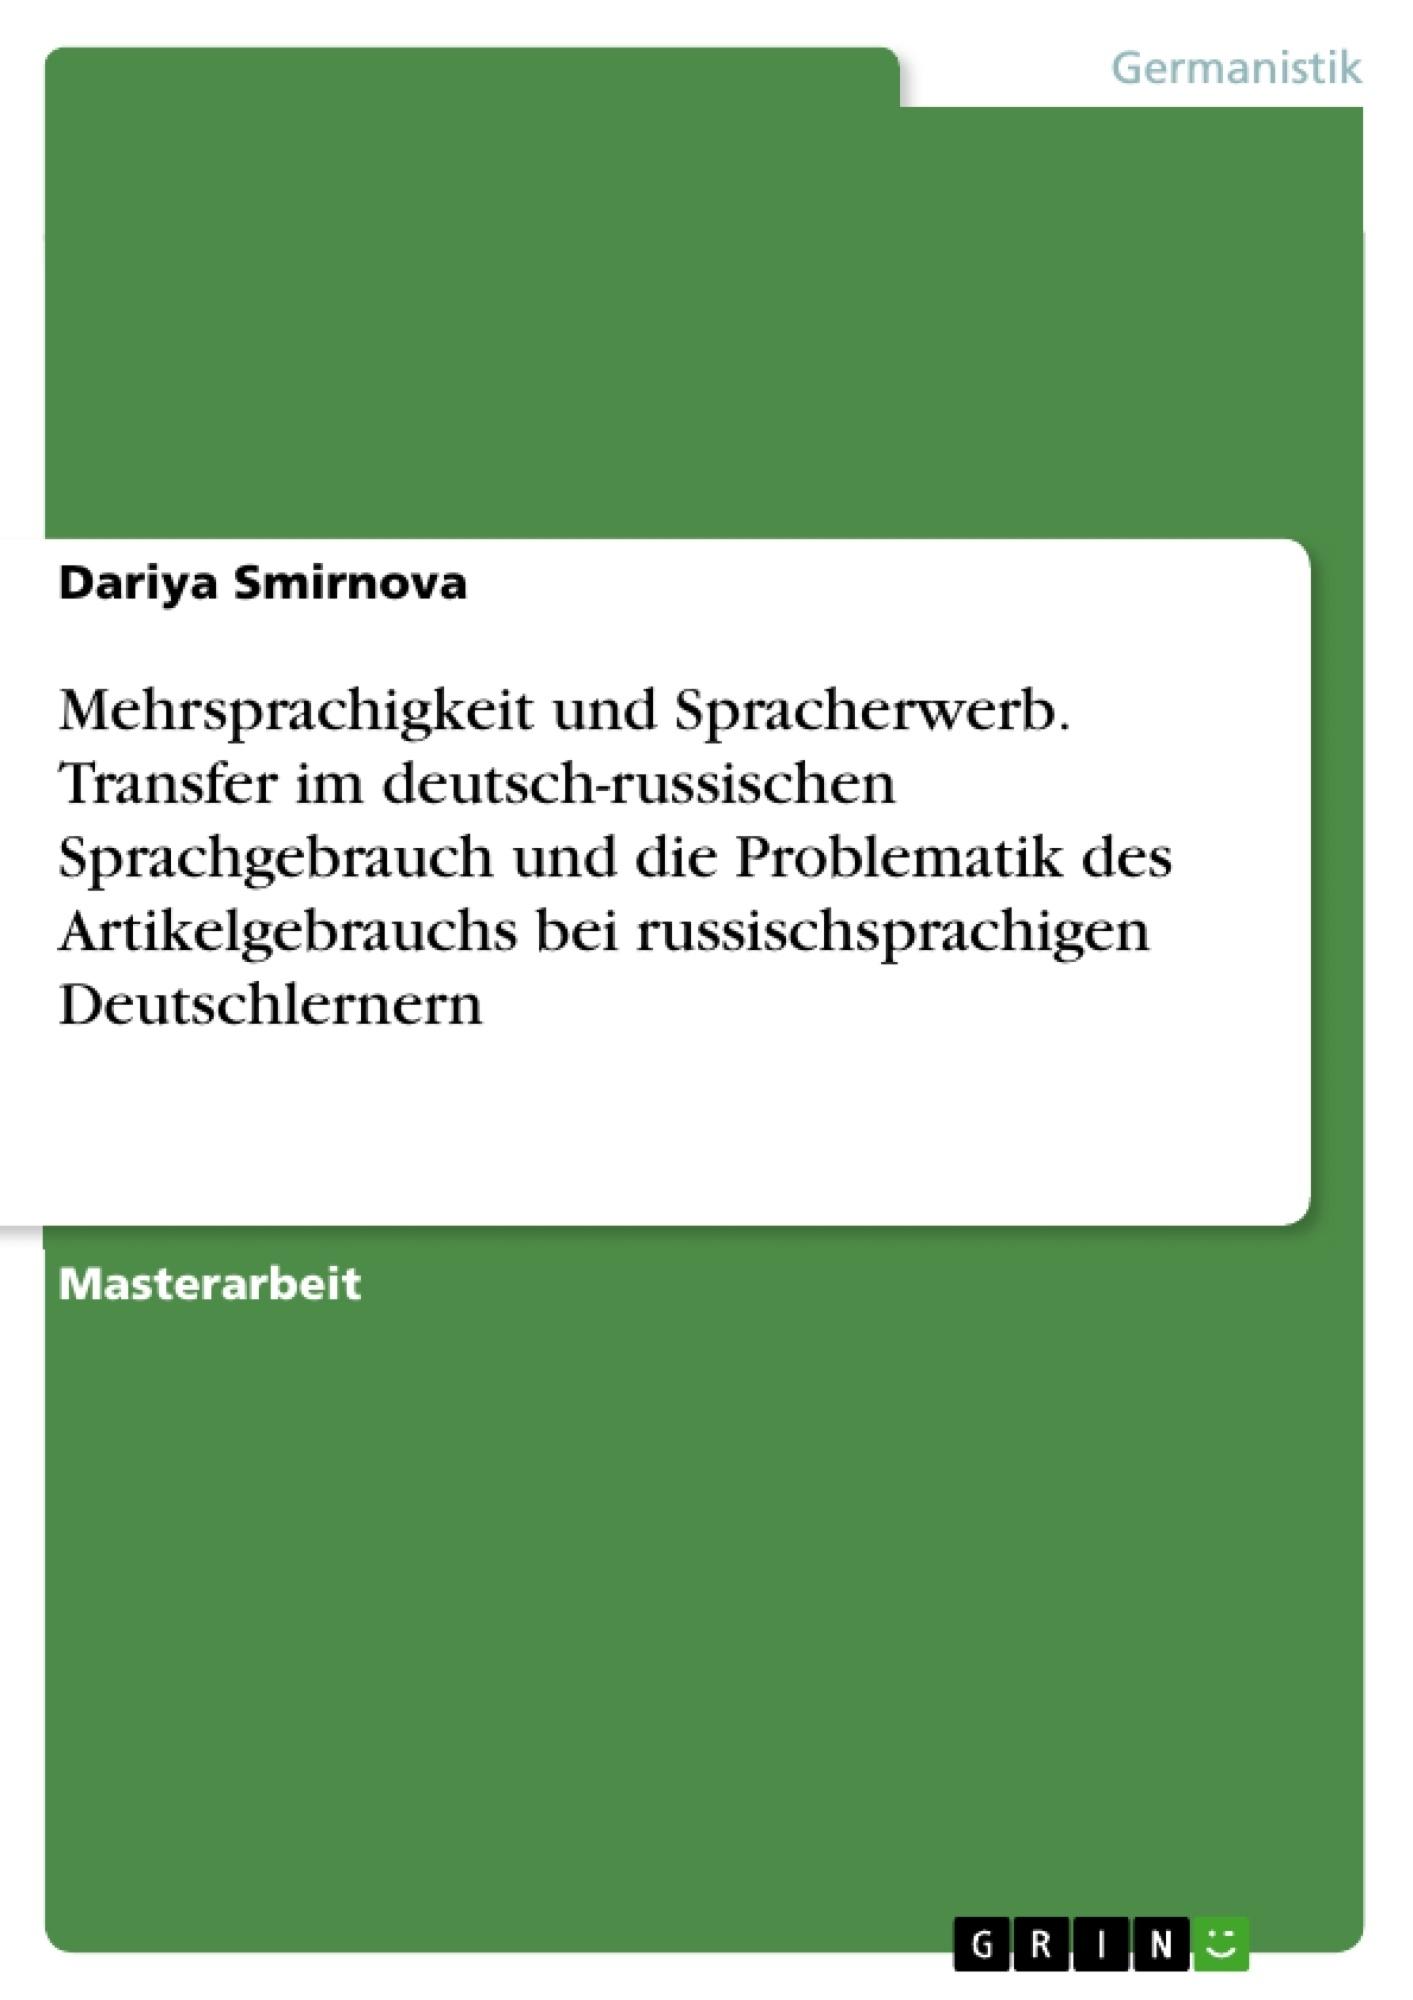 Titel: Mehrsprachigkeit und Spracherwerb. Transfer im deutsch-russischen Sprachgebrauch und die Problematik des Artikelgebrauchs bei russischsprachigen Deutschlernern